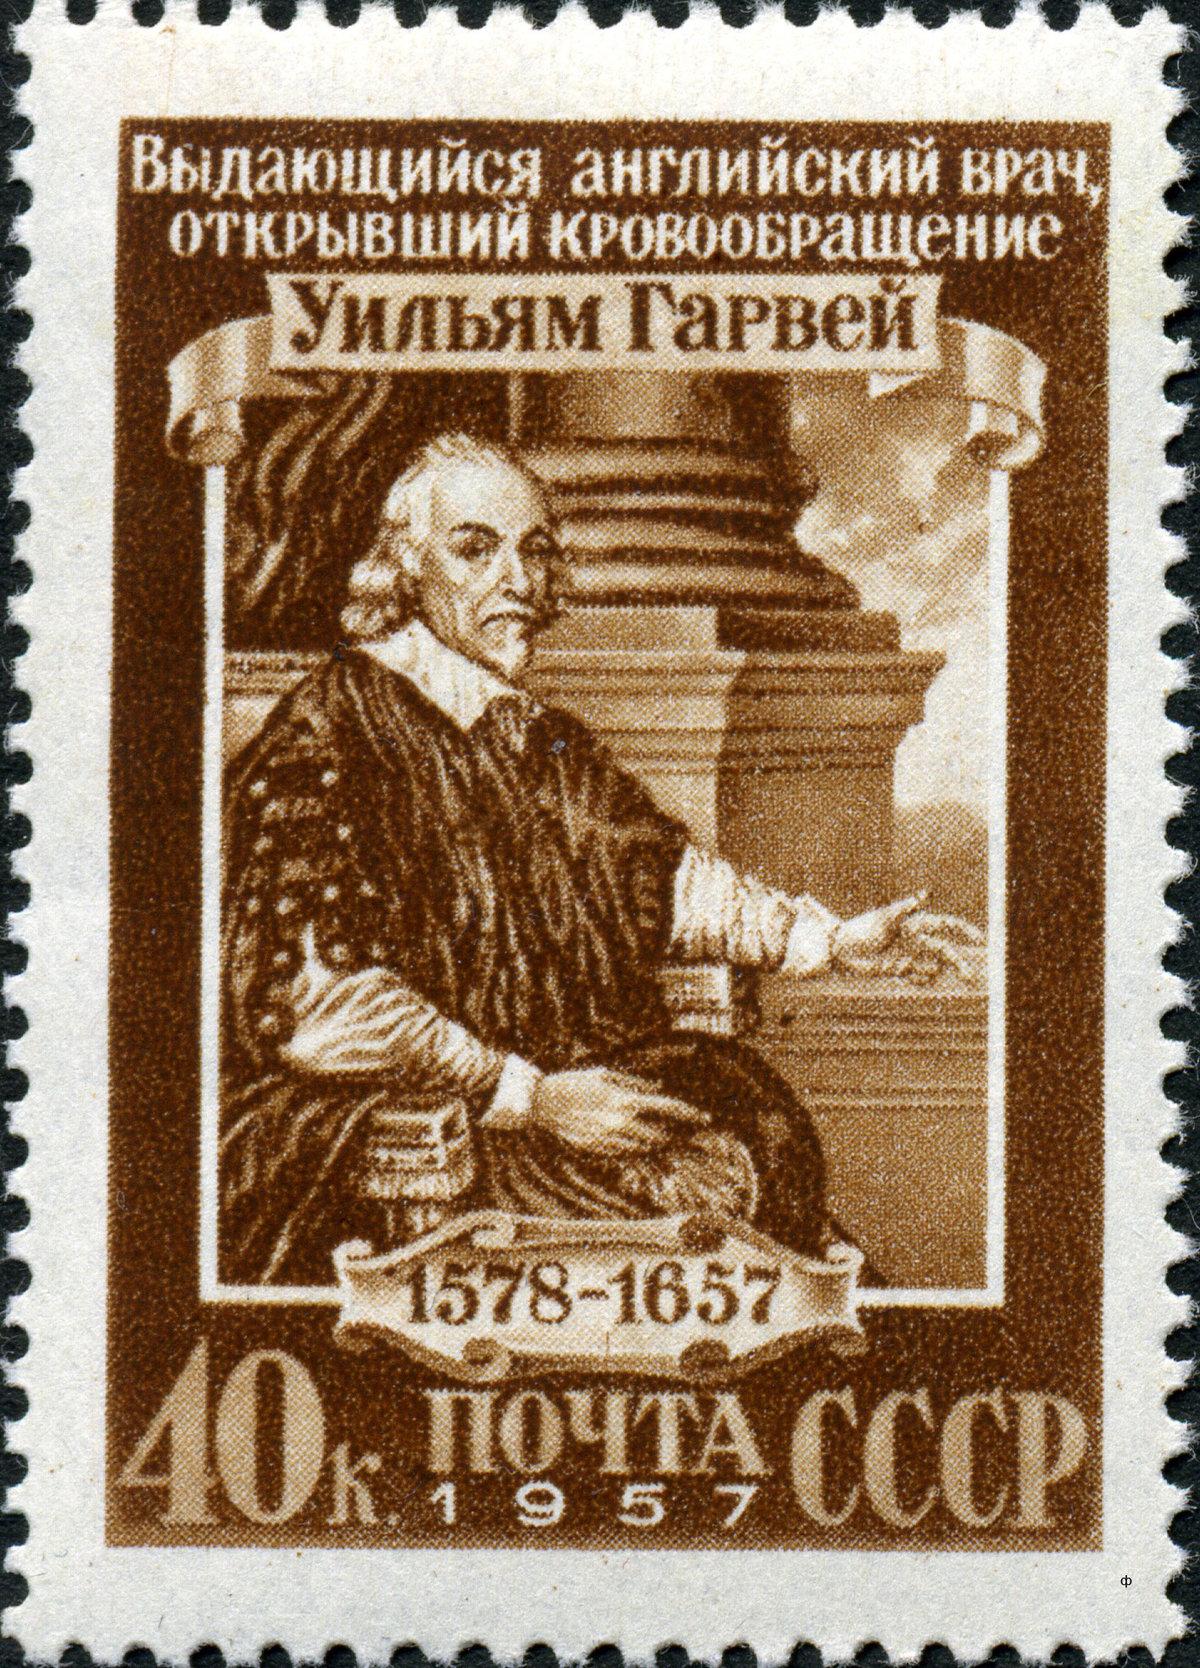 16 апреля 1618 года Уильям Гарвей впервые изложил новый взгляд на систему кровообращения в организме человека